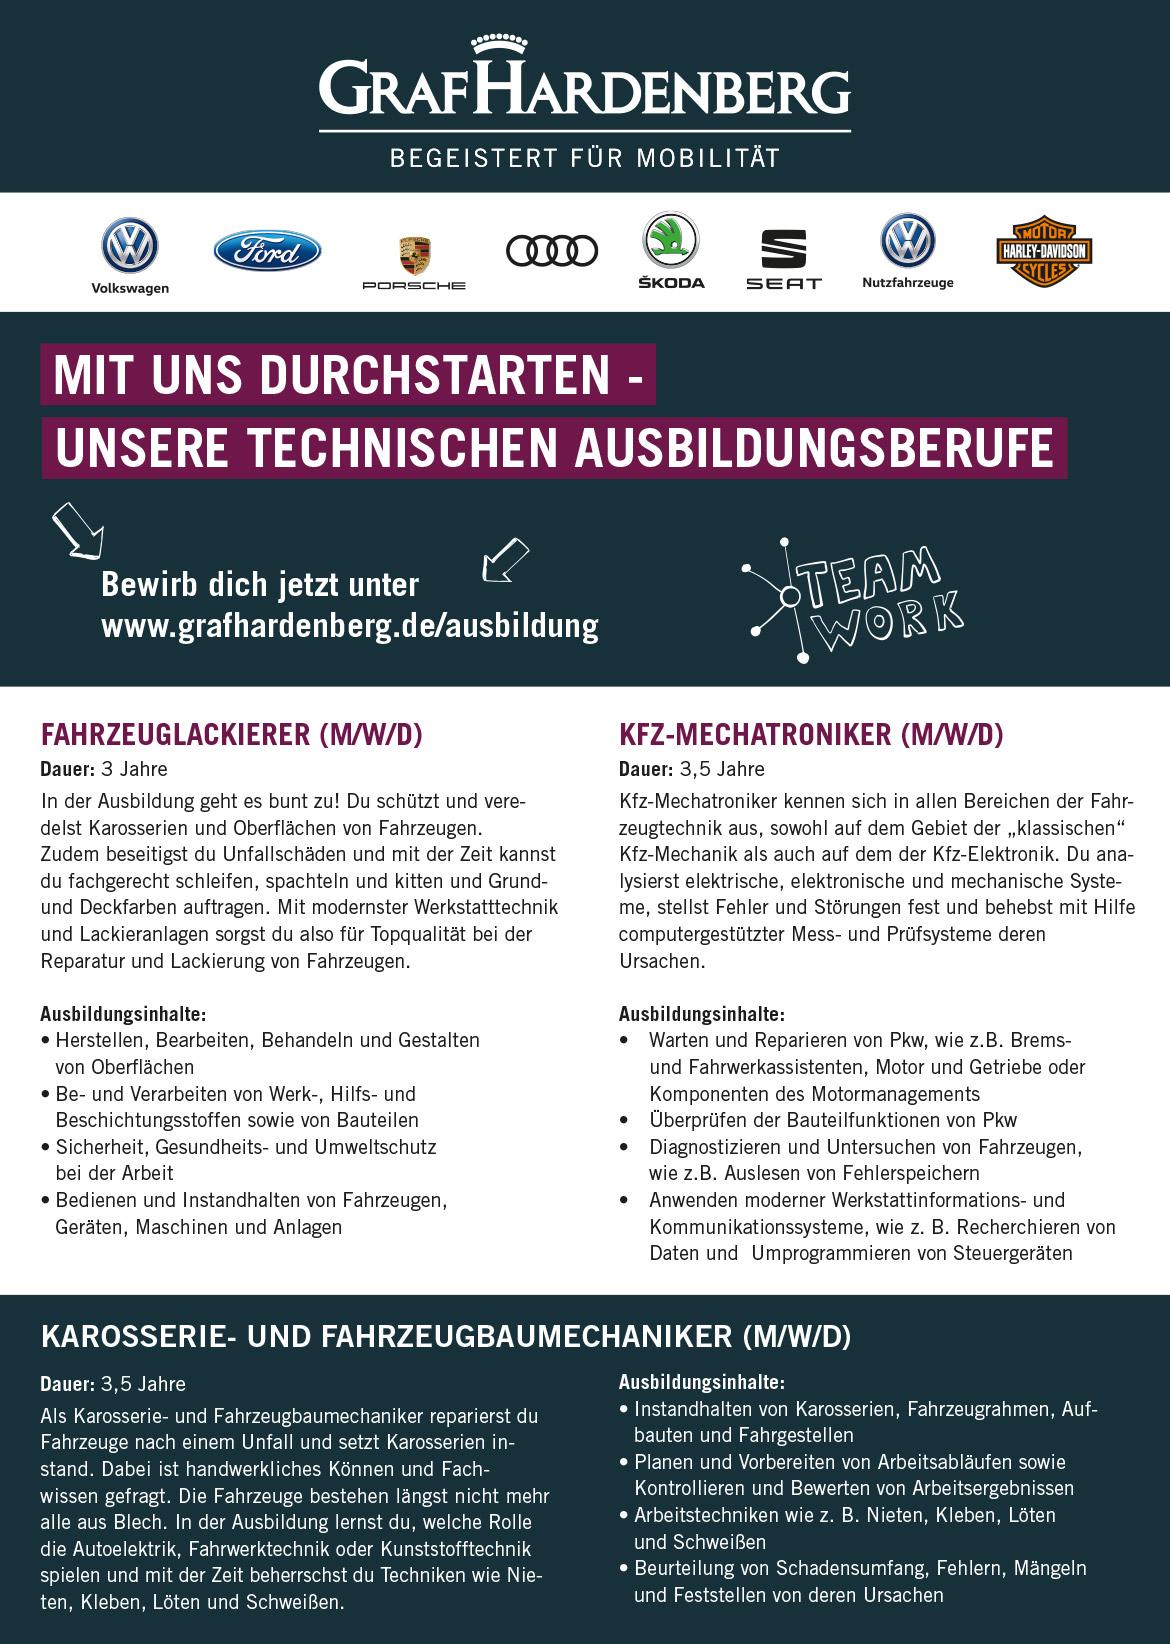 Ausbildungsplakat: Volkswagen Zentrum Karlsruhe GmbH (Hardenberg Gruppe)